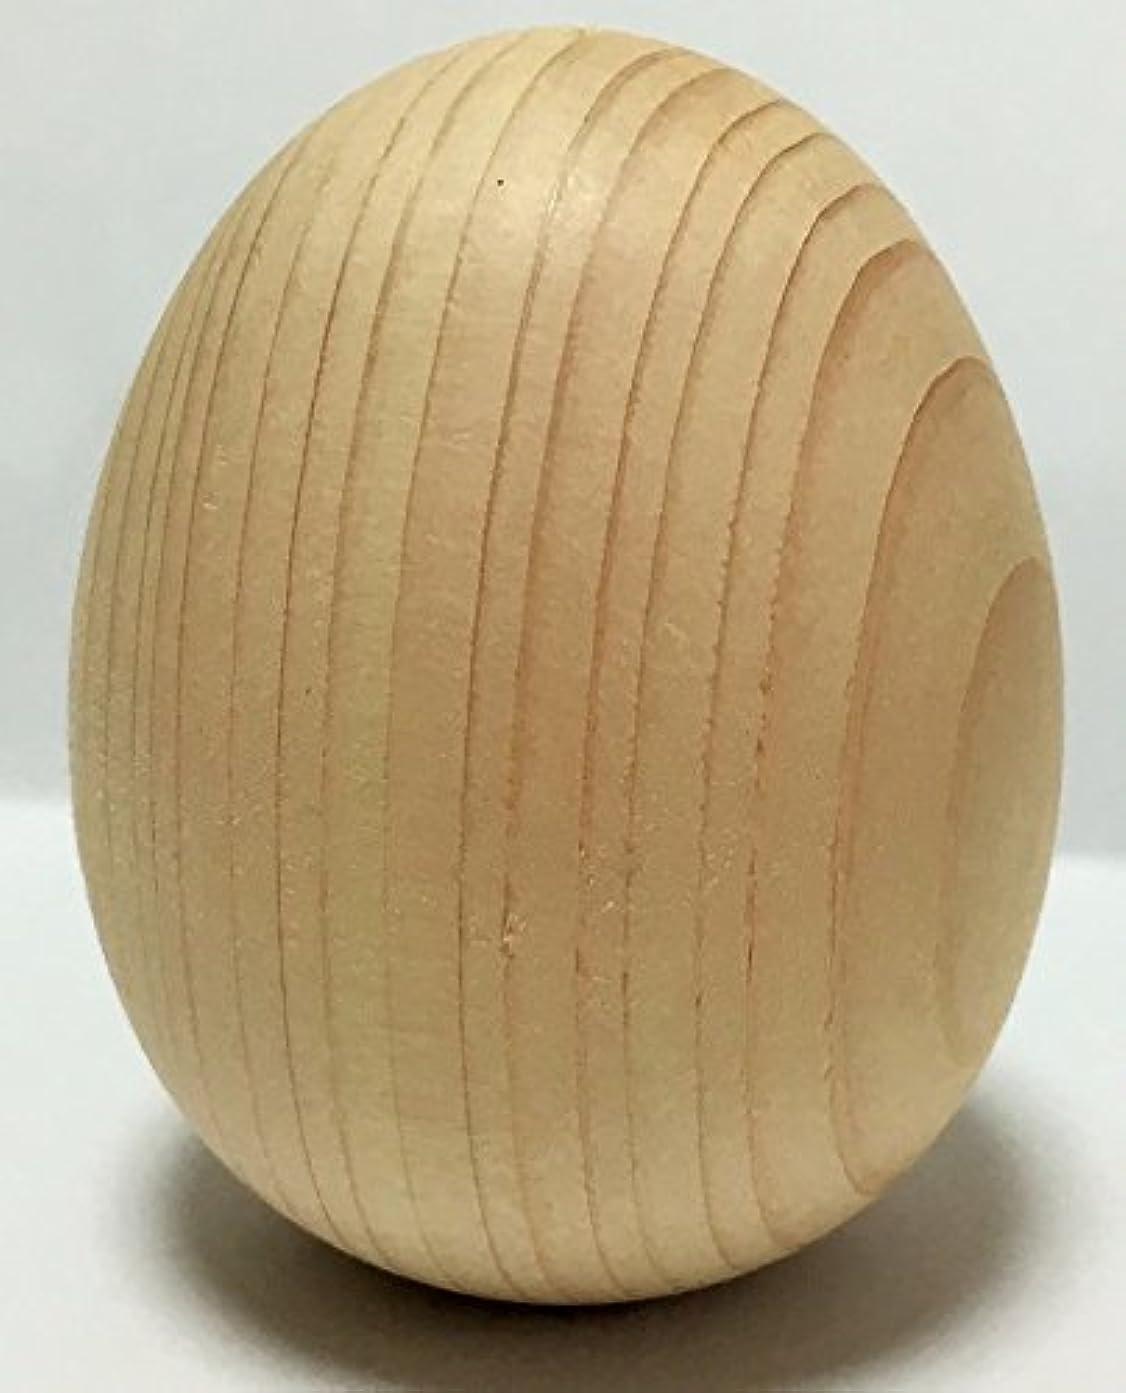 不完全な摘む無条件1個から購入できる!卵型ヒノキボール タマゴ型 檜ボール 桧ボール ひのきボール 玉